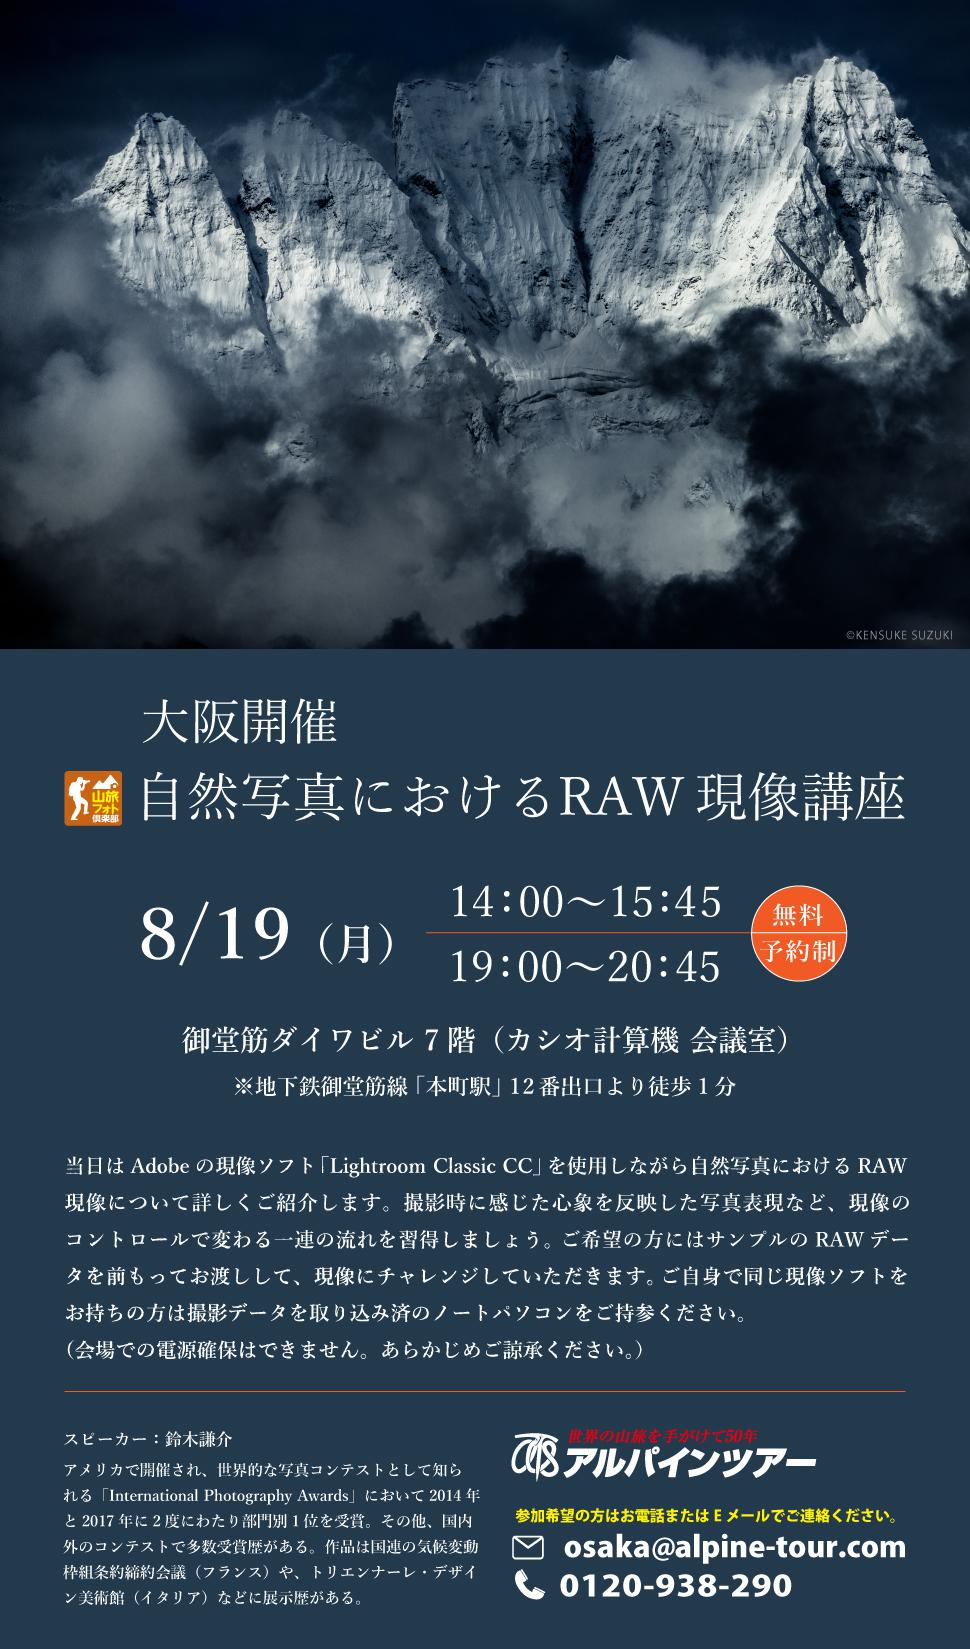 【大阪開催】山旅フォト倶楽部 特別机上講座 自然写真におけるRAW現像<入場無料・予約制>